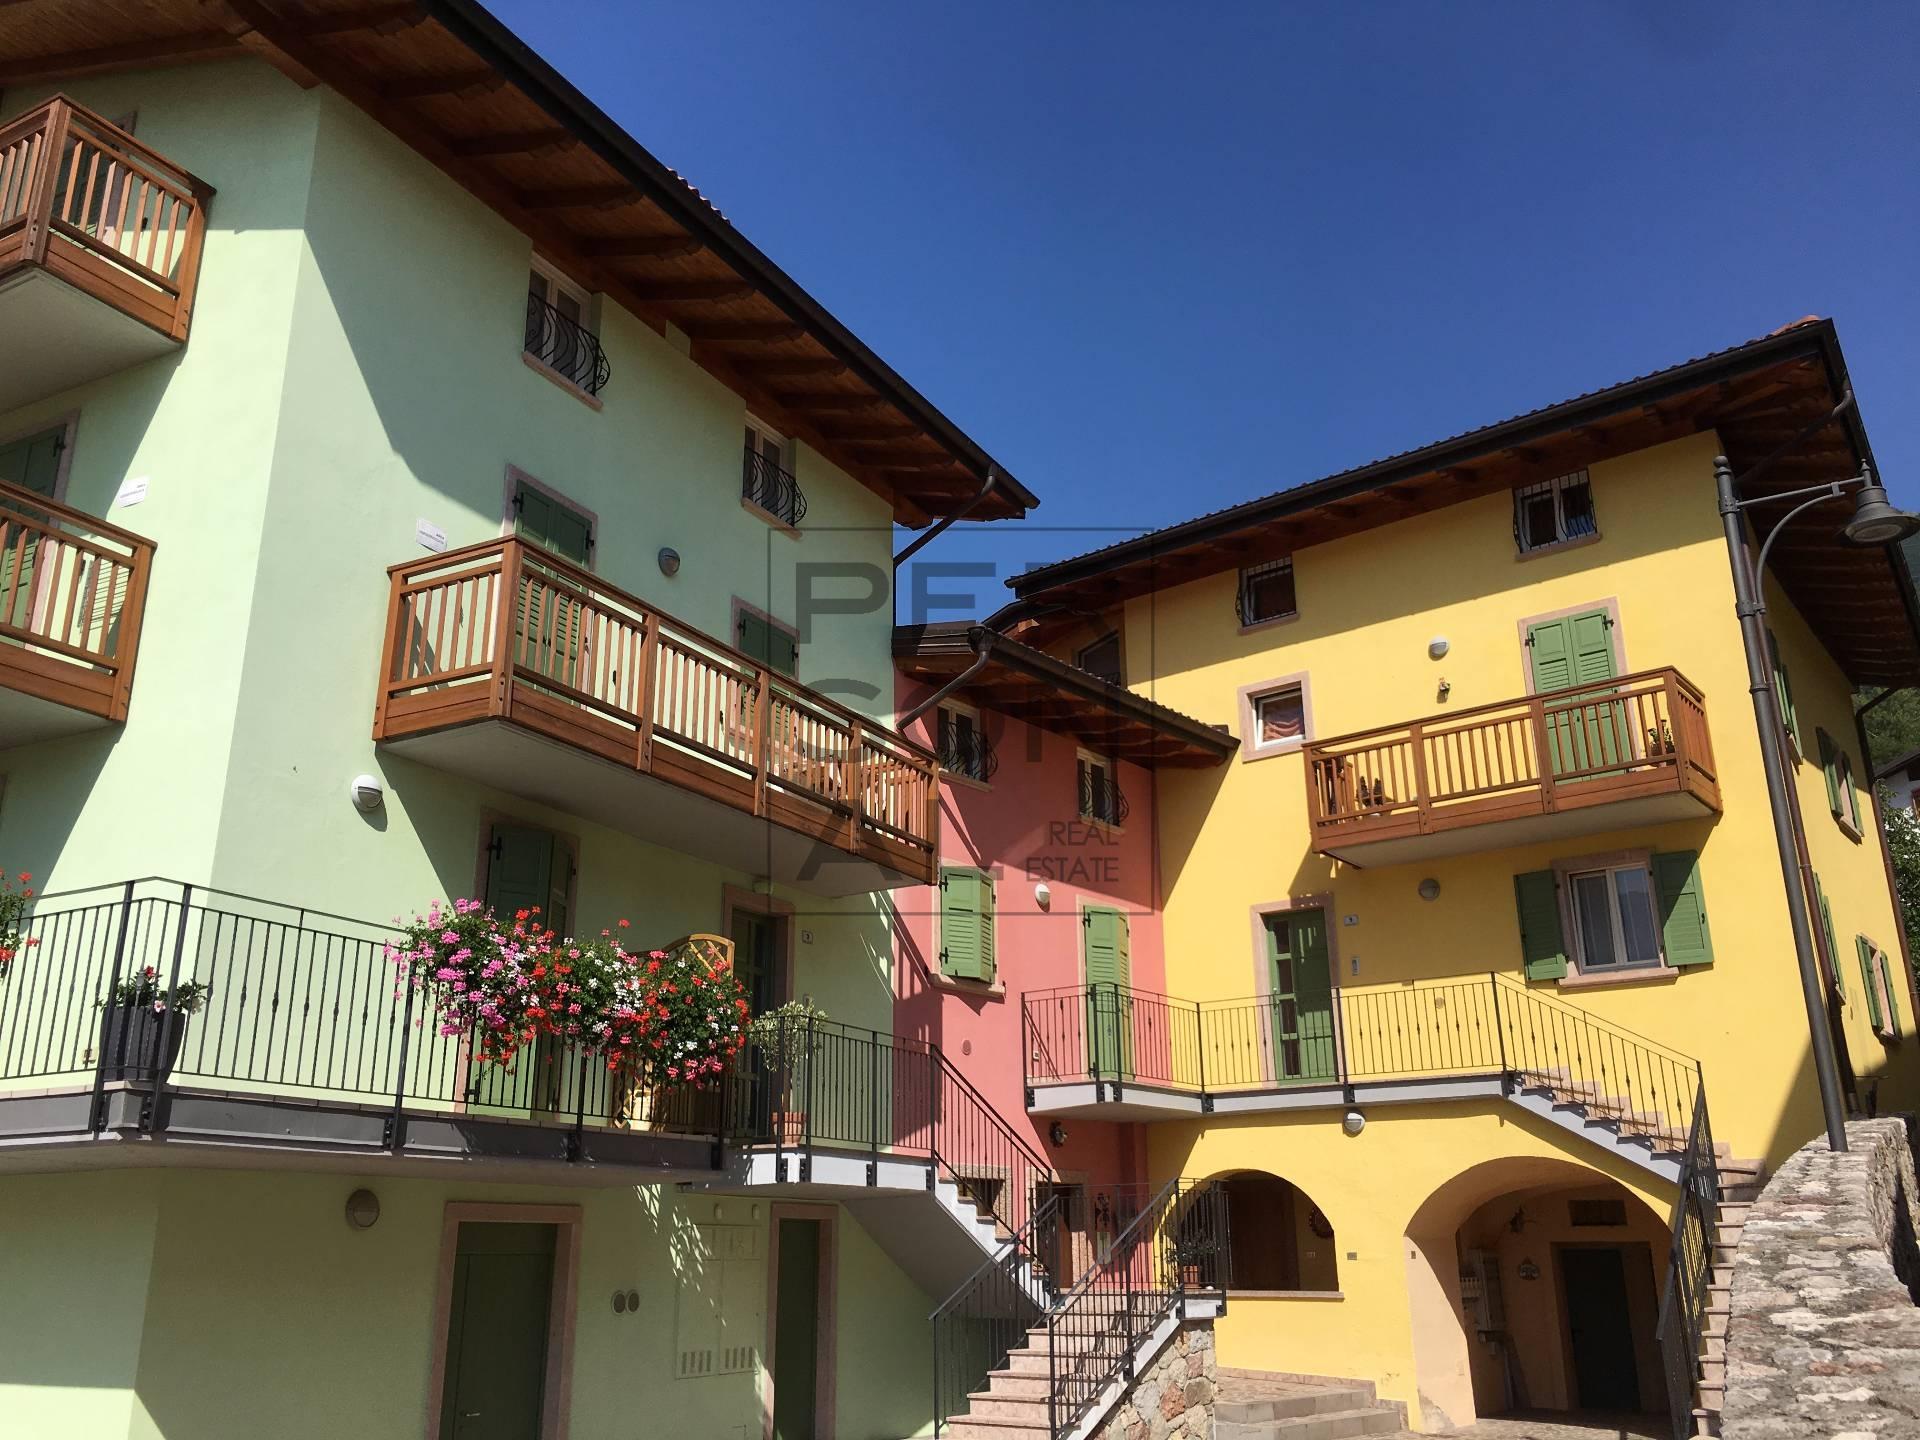 Appartamento in affitto a Cavedine, 2 locali, zona Zona: Stravino, prezzo € 370 | CambioCasa.it